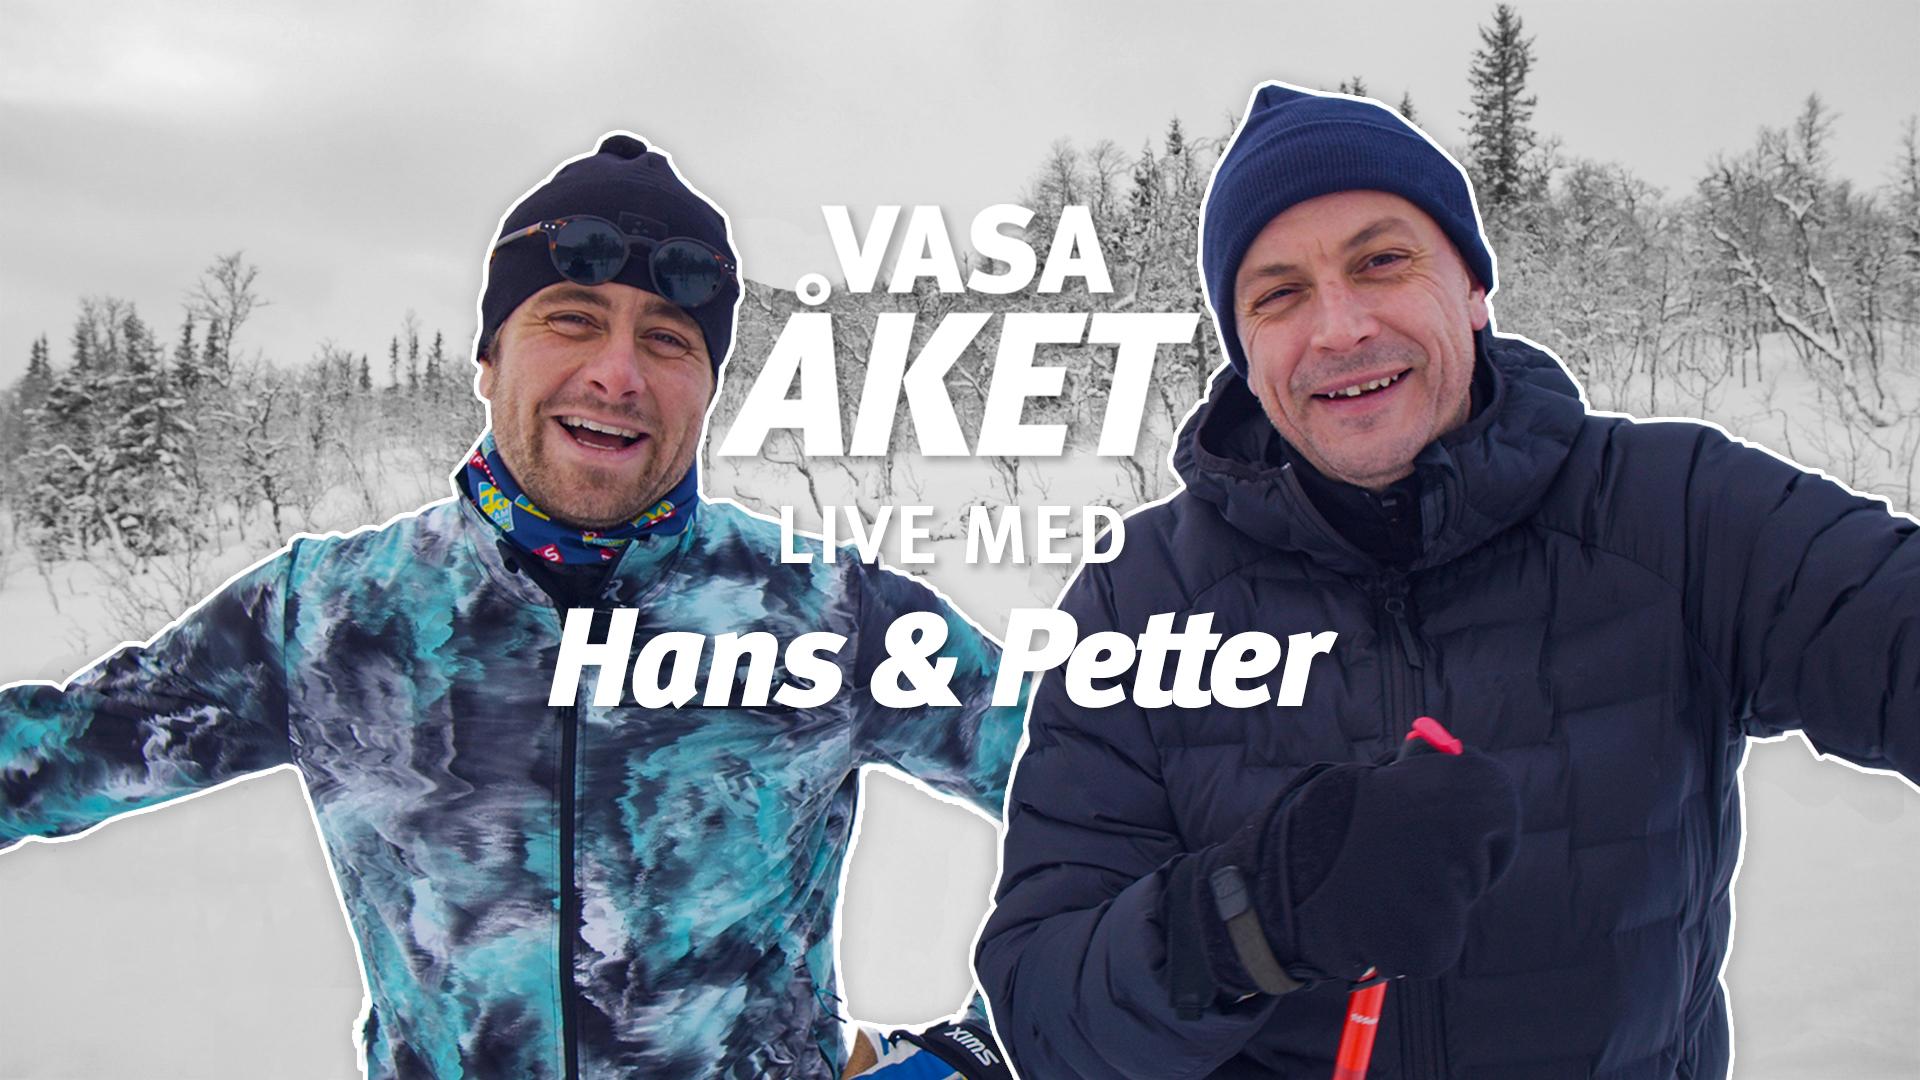 Vasaåket 90 – Uppladdning med Hans & Petter